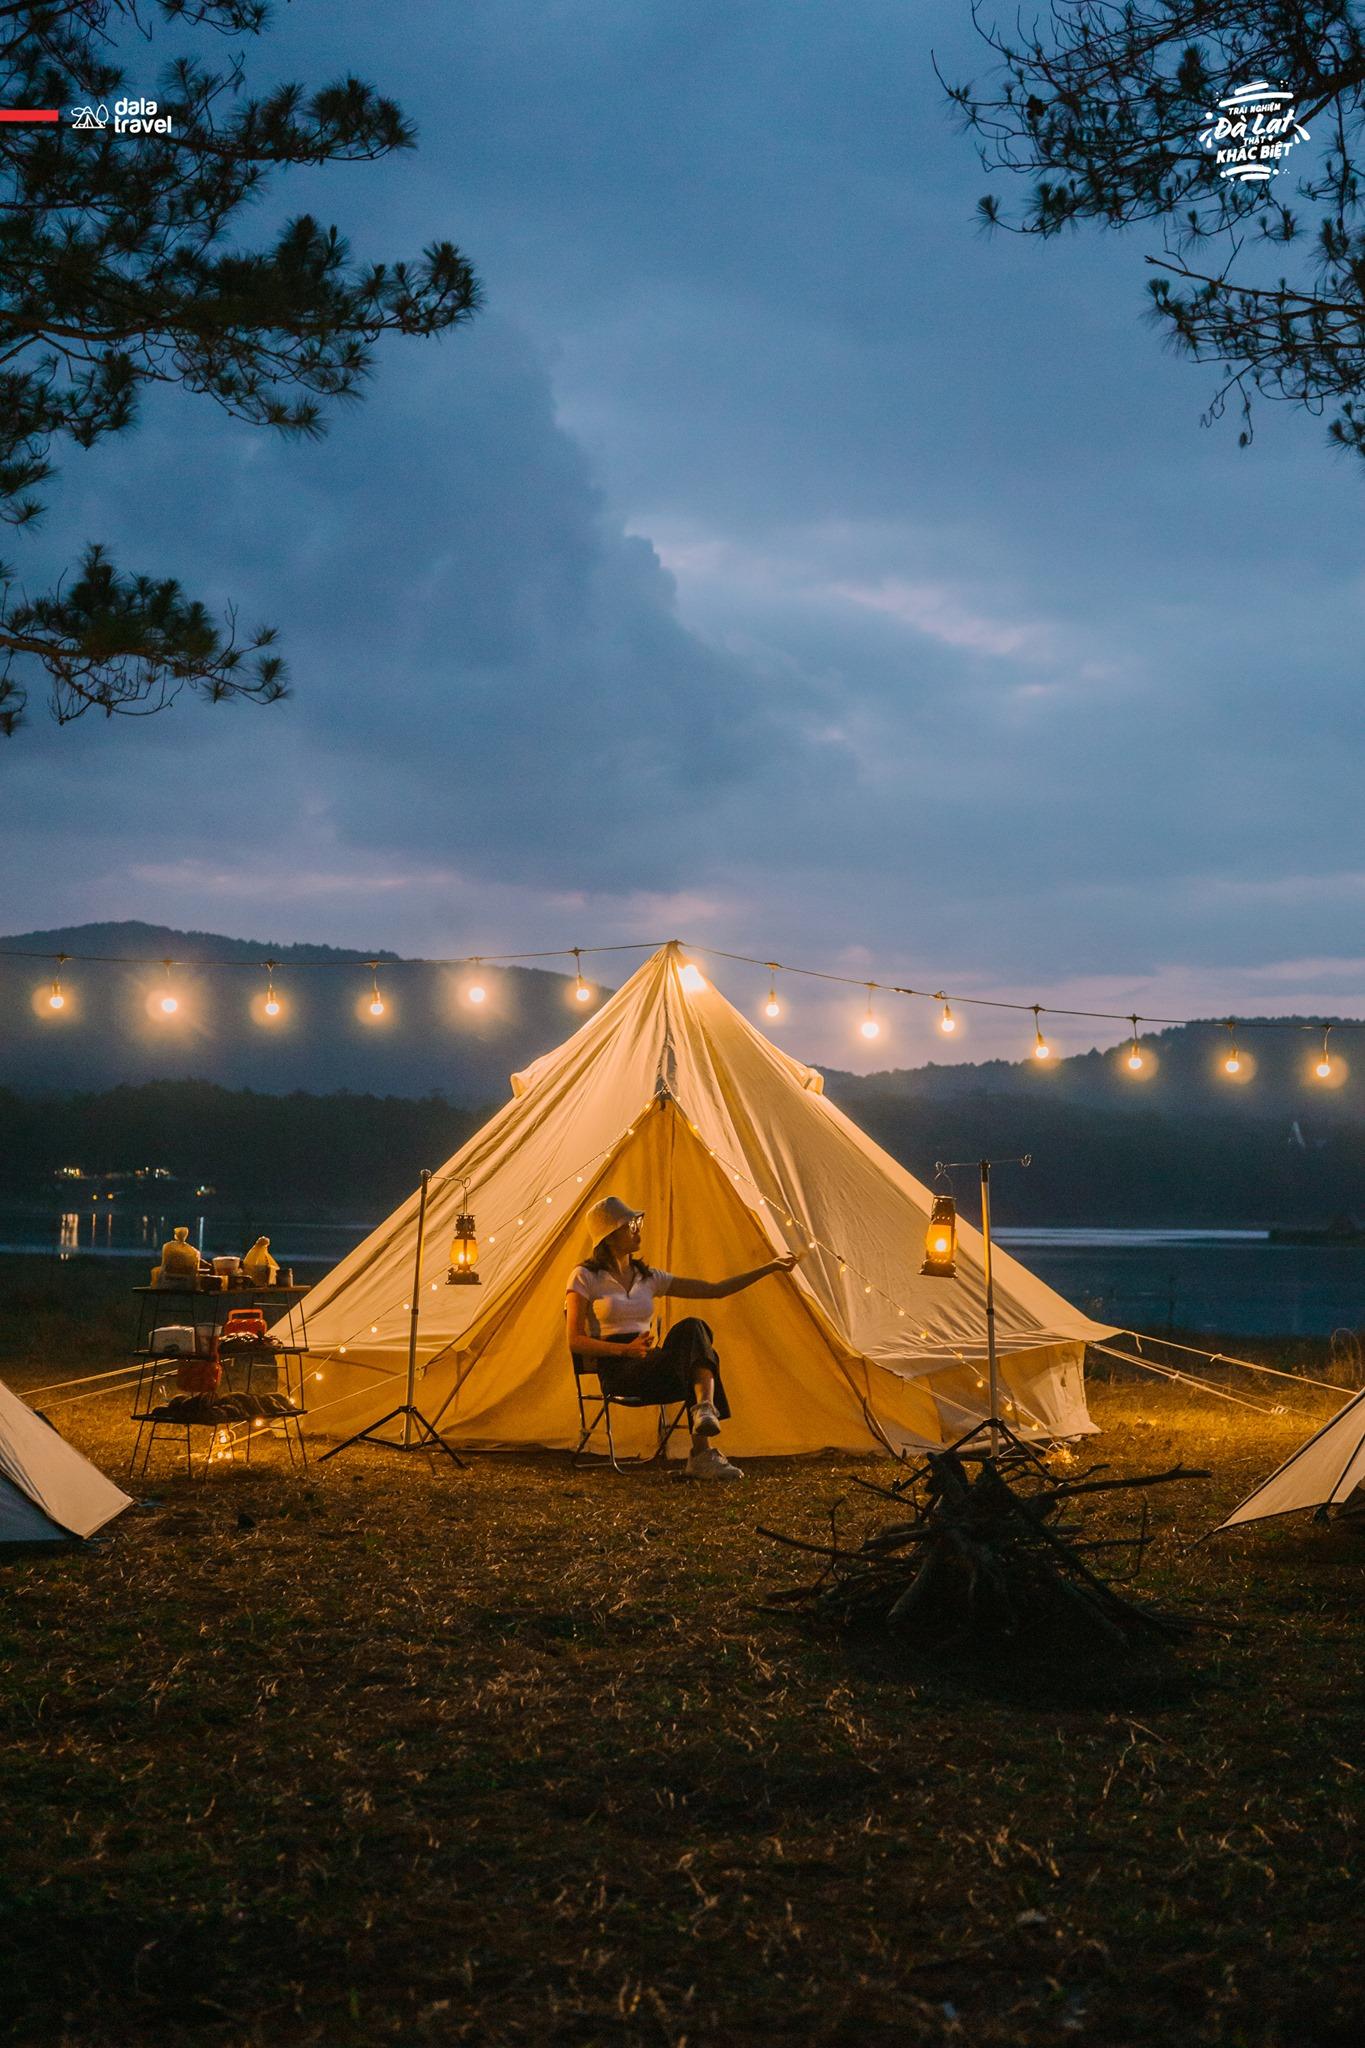 cắm trại Da La Travel 3